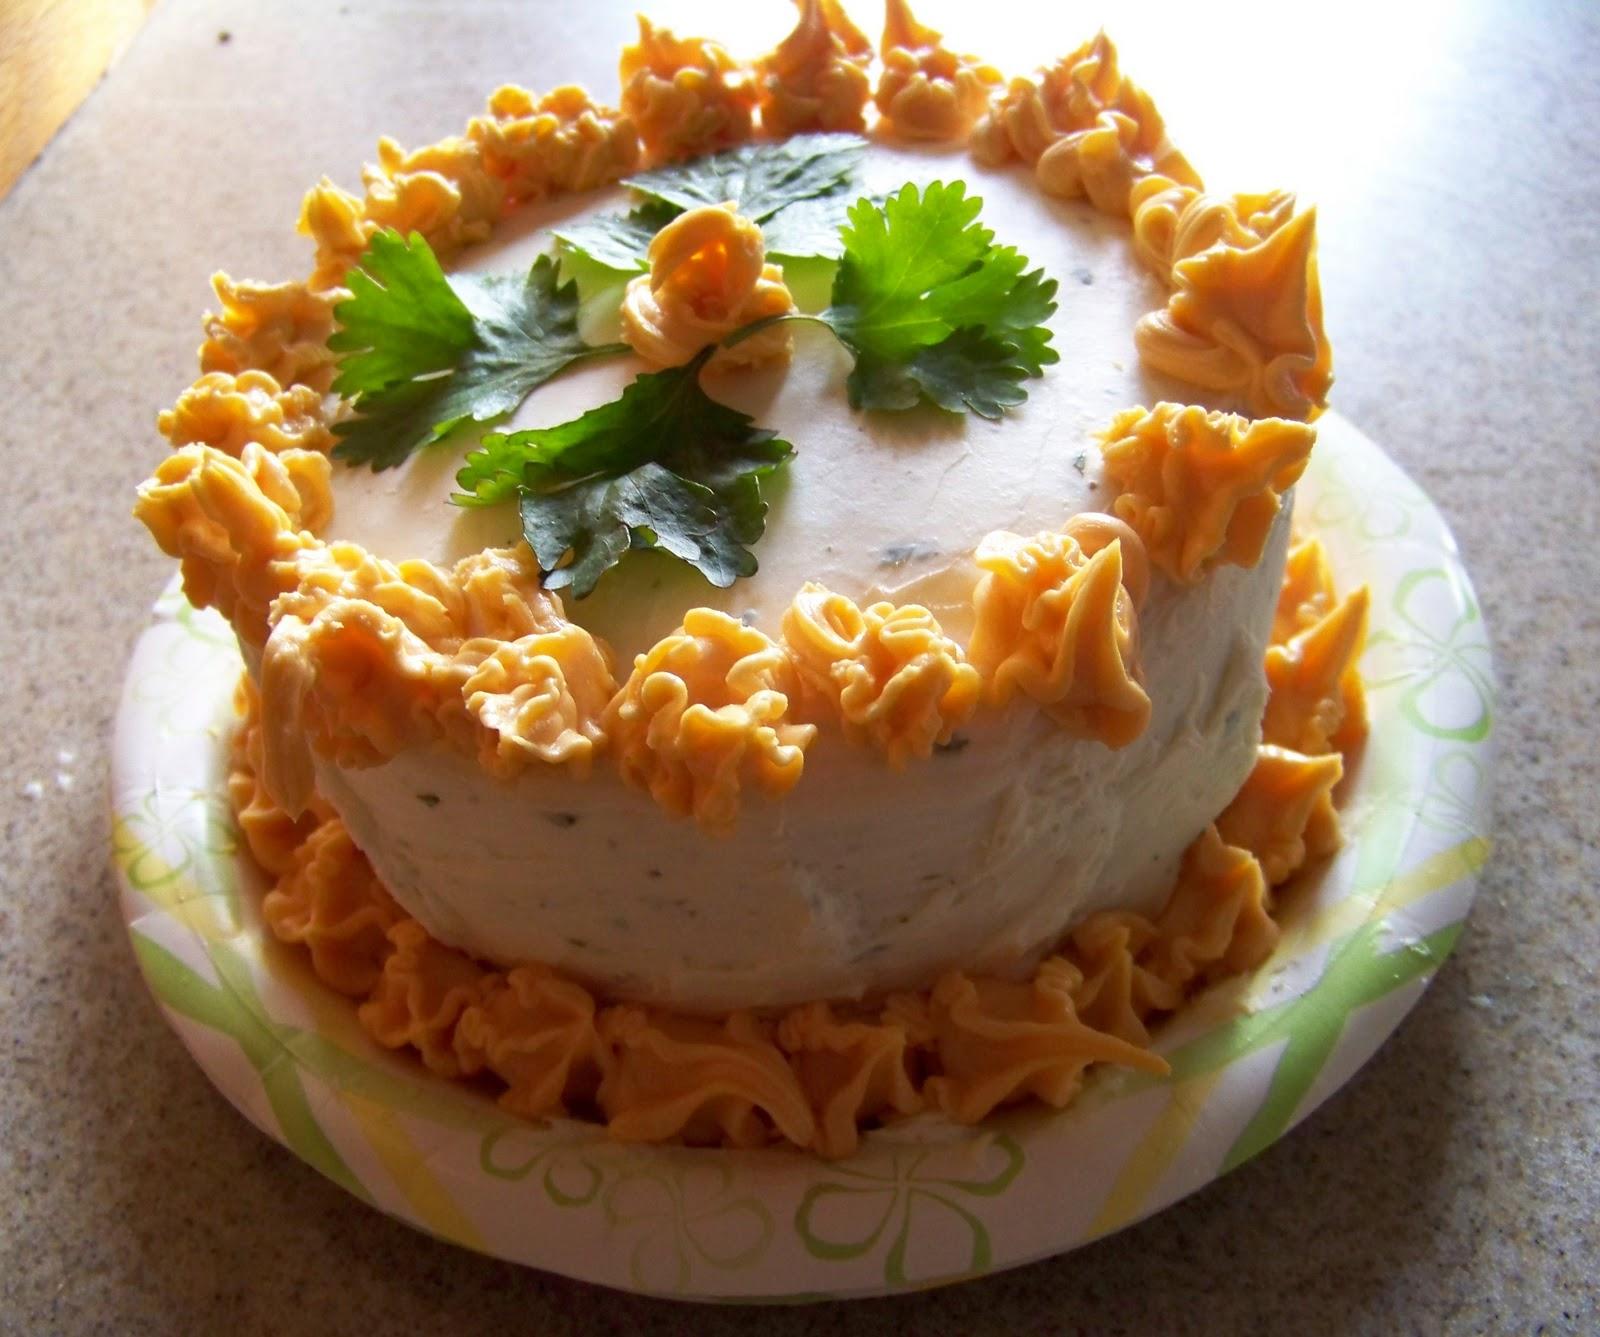 pescheria bologna cake - photo#33